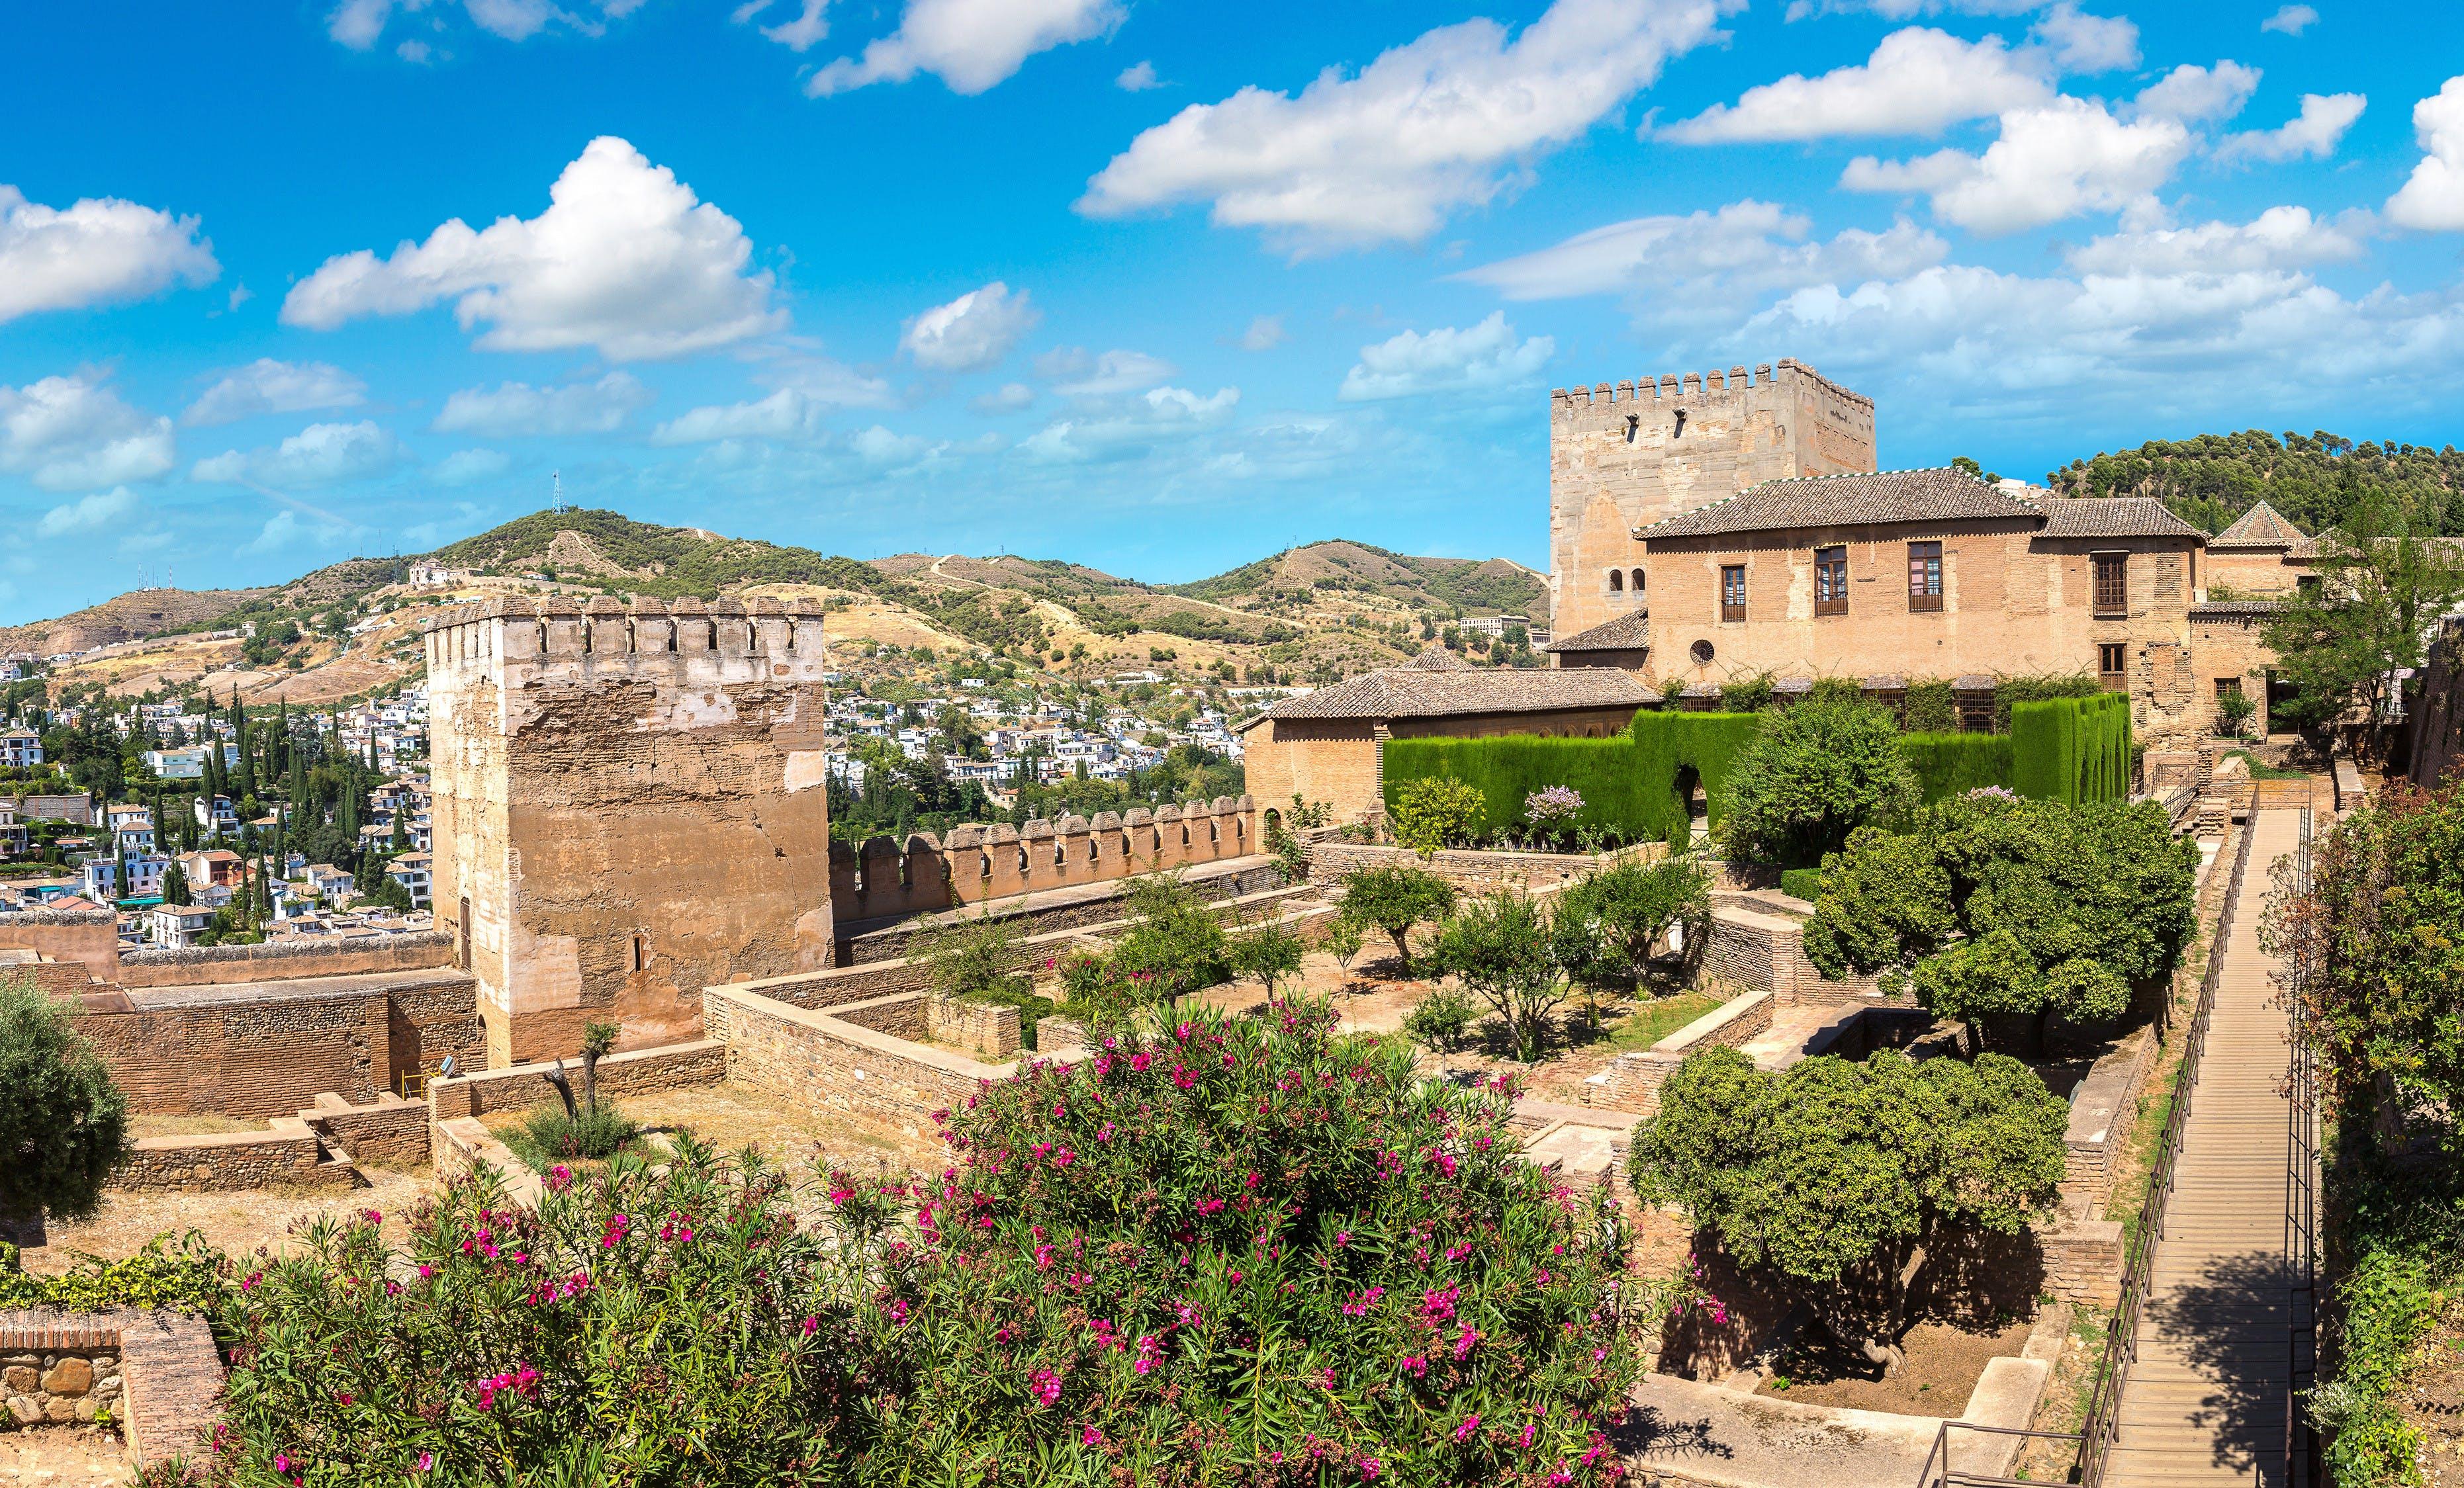 Nazaríes y Palacio de Charles V en Alhambra.jpg